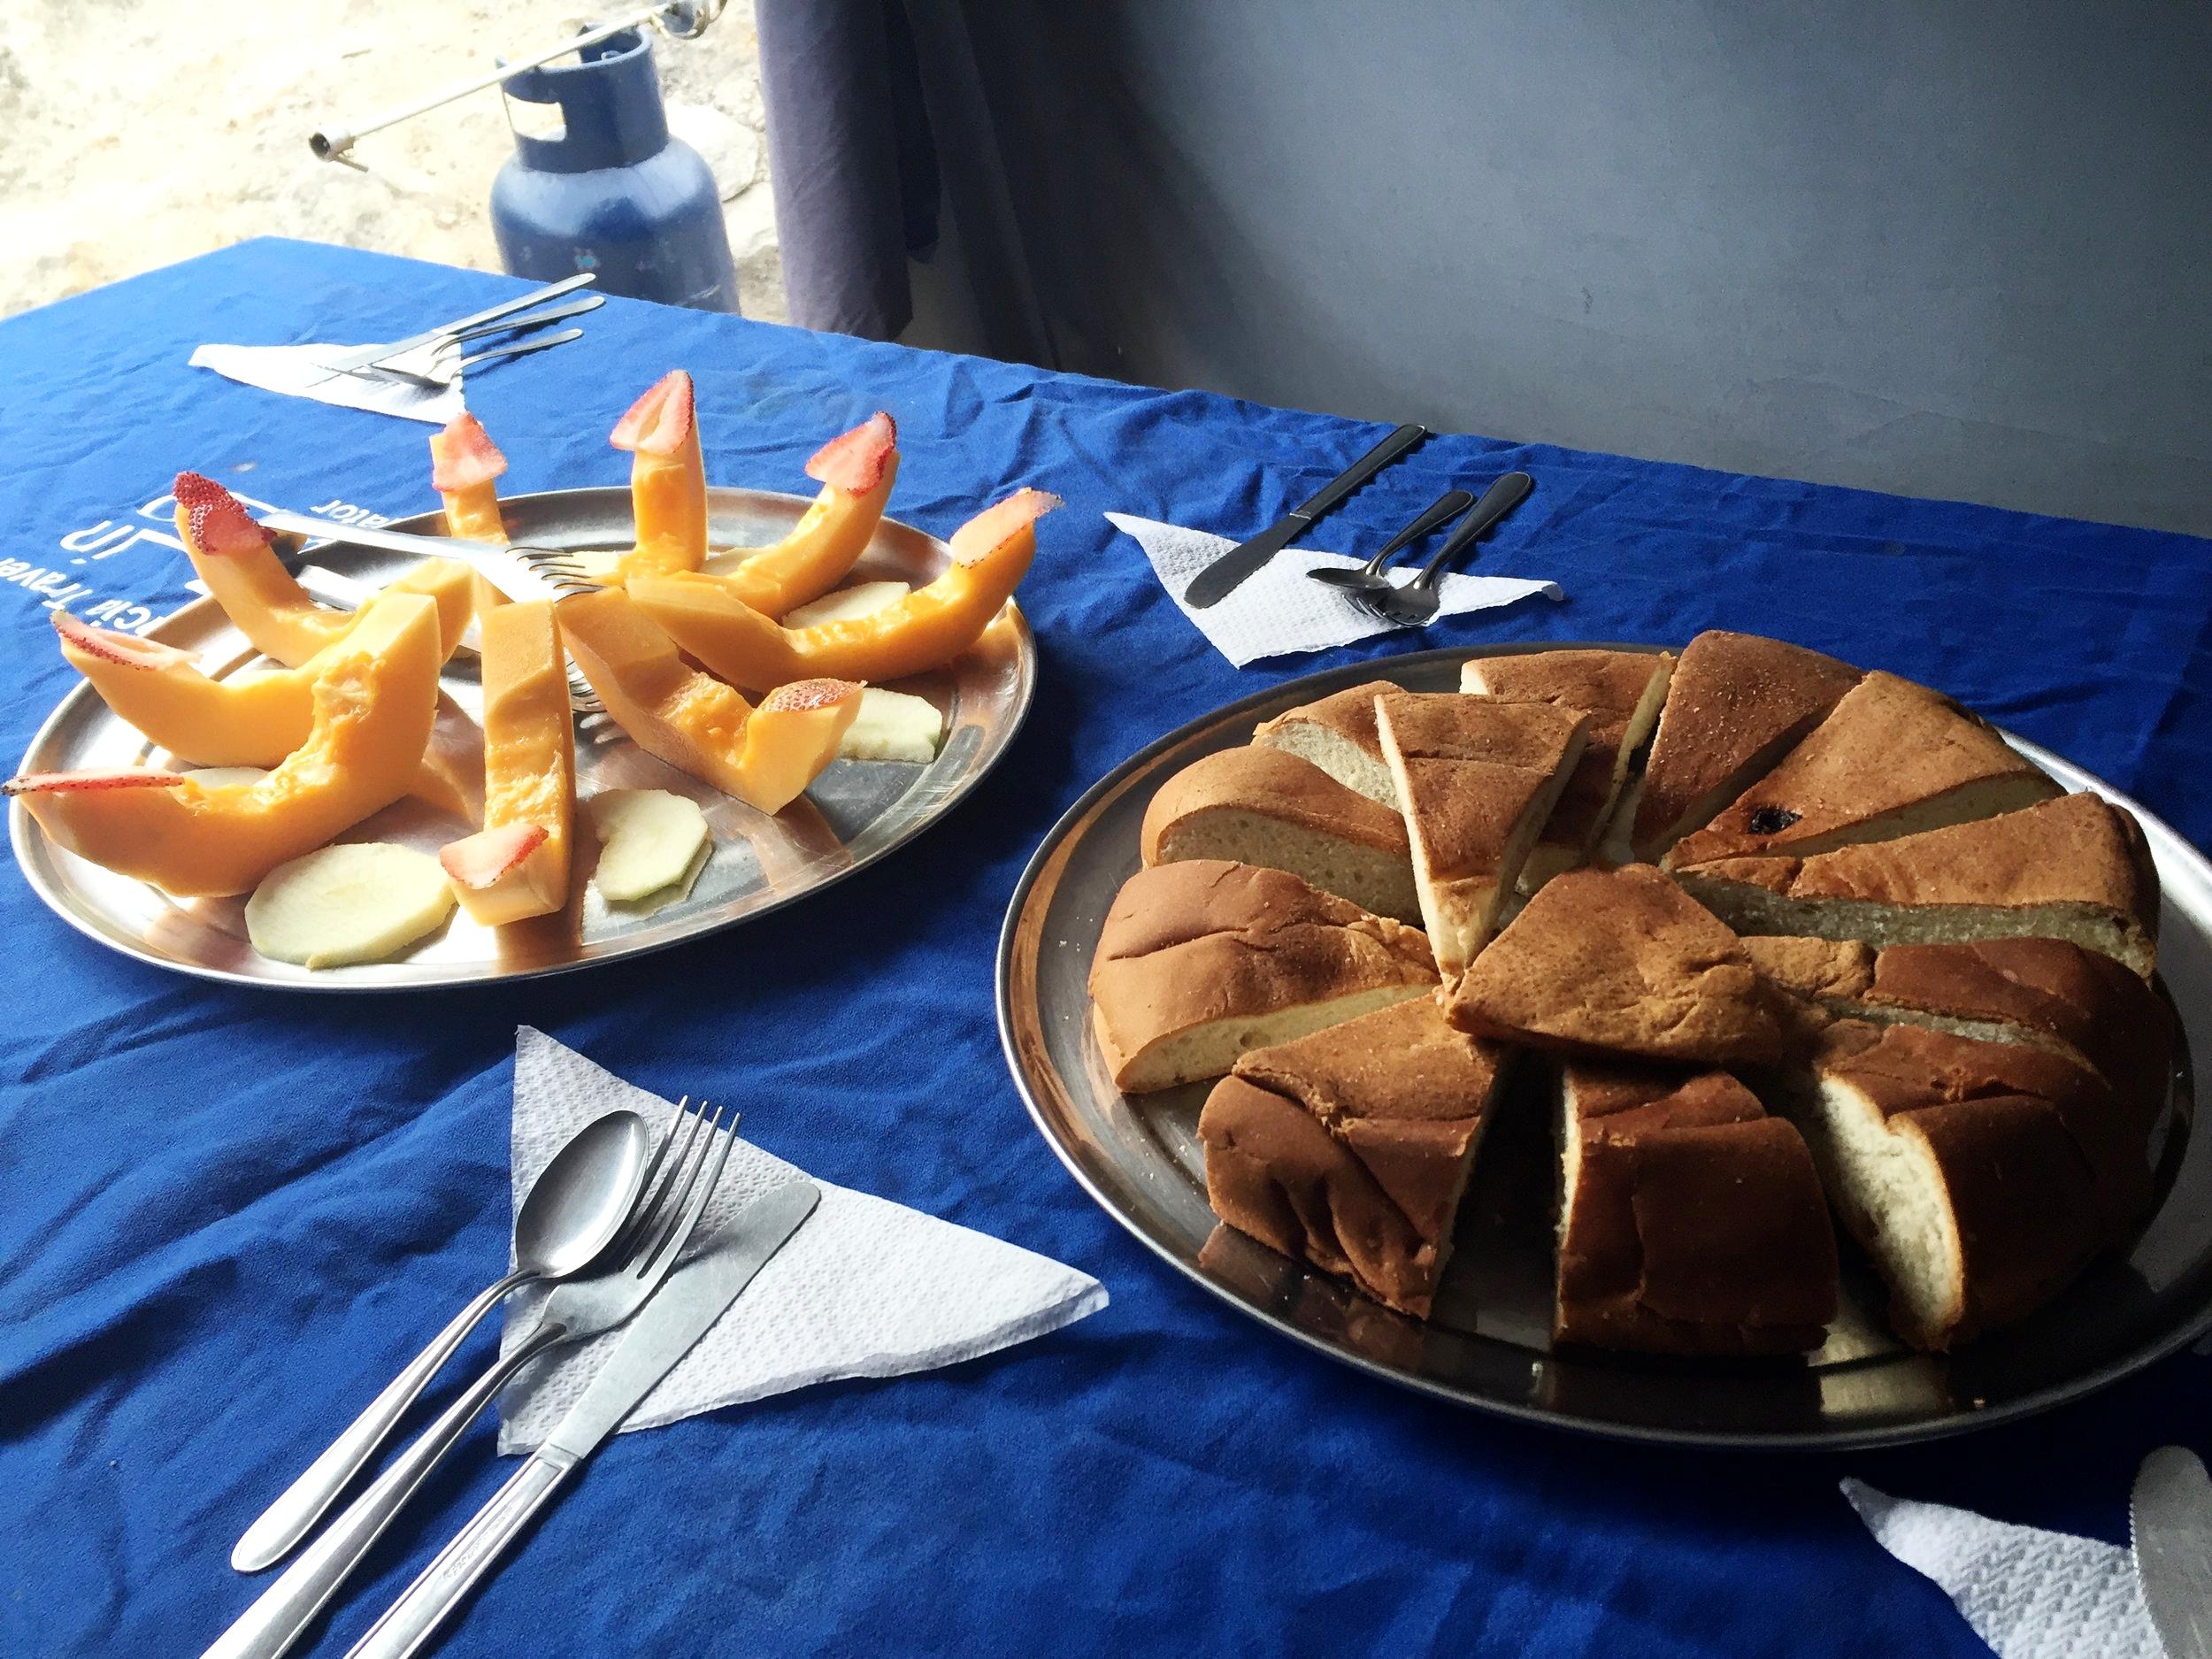 Pre-breakfast snack